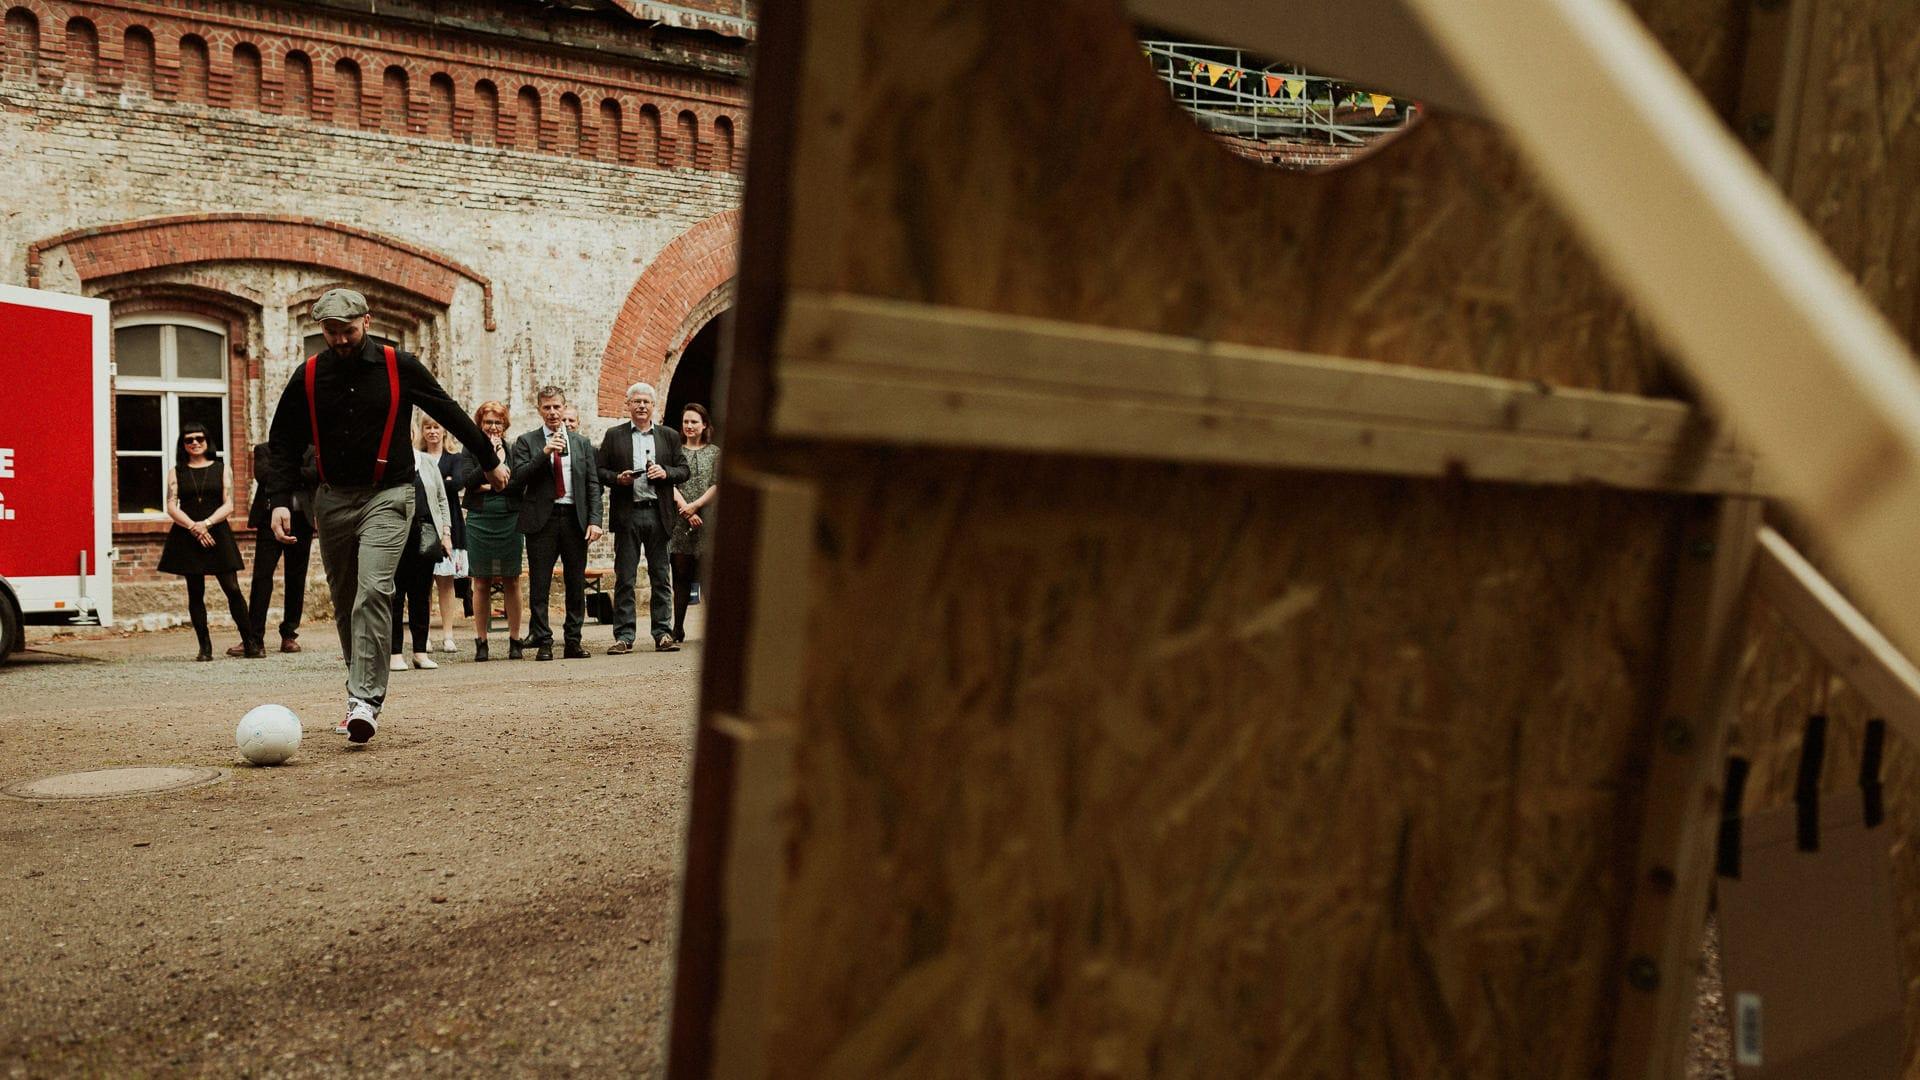 Hochzeitsfotograf Hamburg Stpauli Festung Grauer Ort 0009